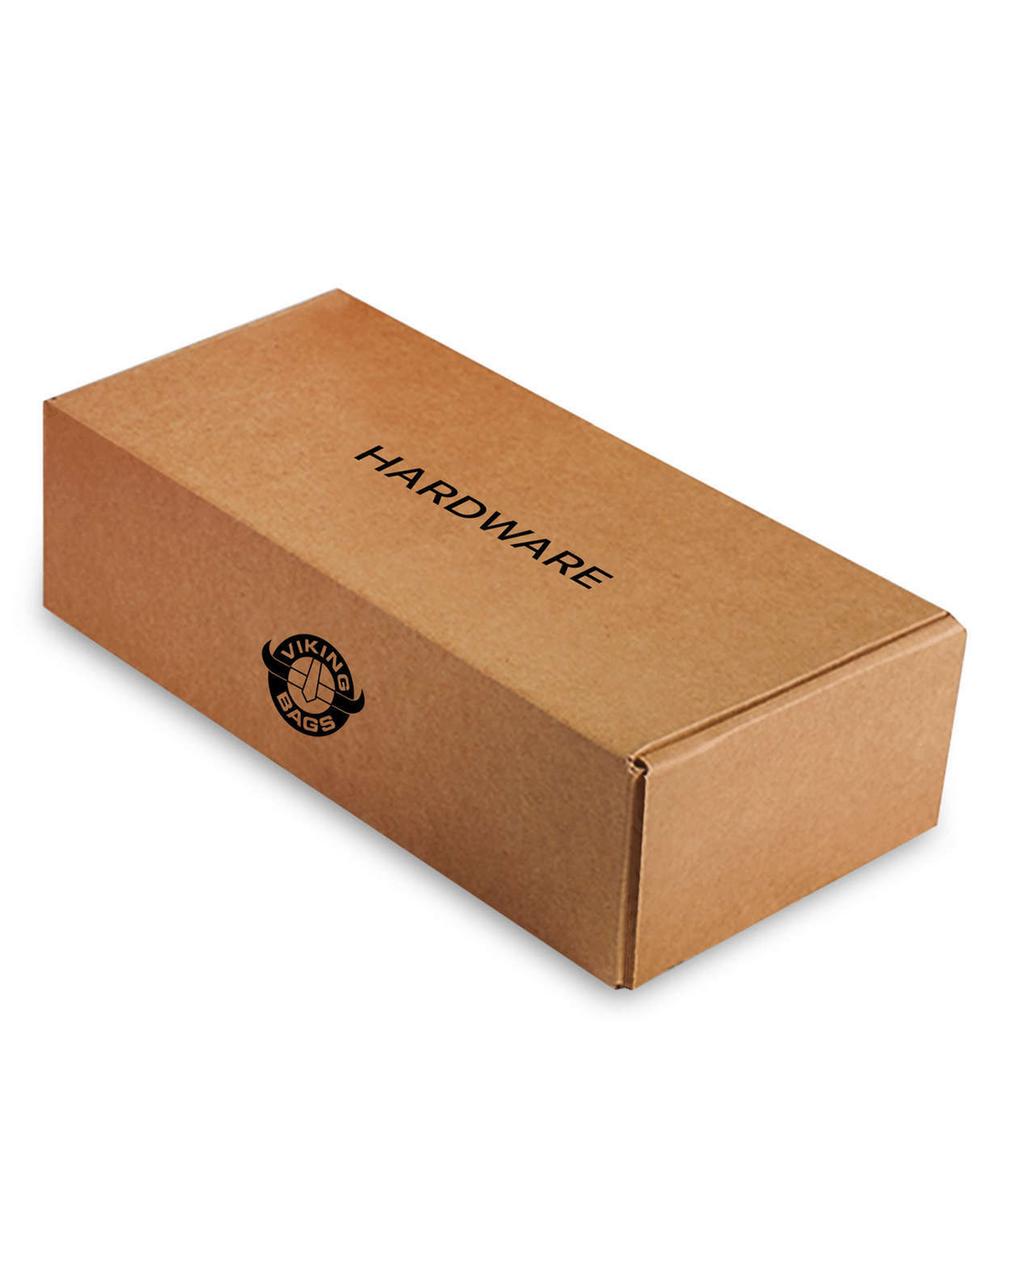 Yamaha V Star 950 Medium Slanted Motorcycle Saddlebags Hardware Box